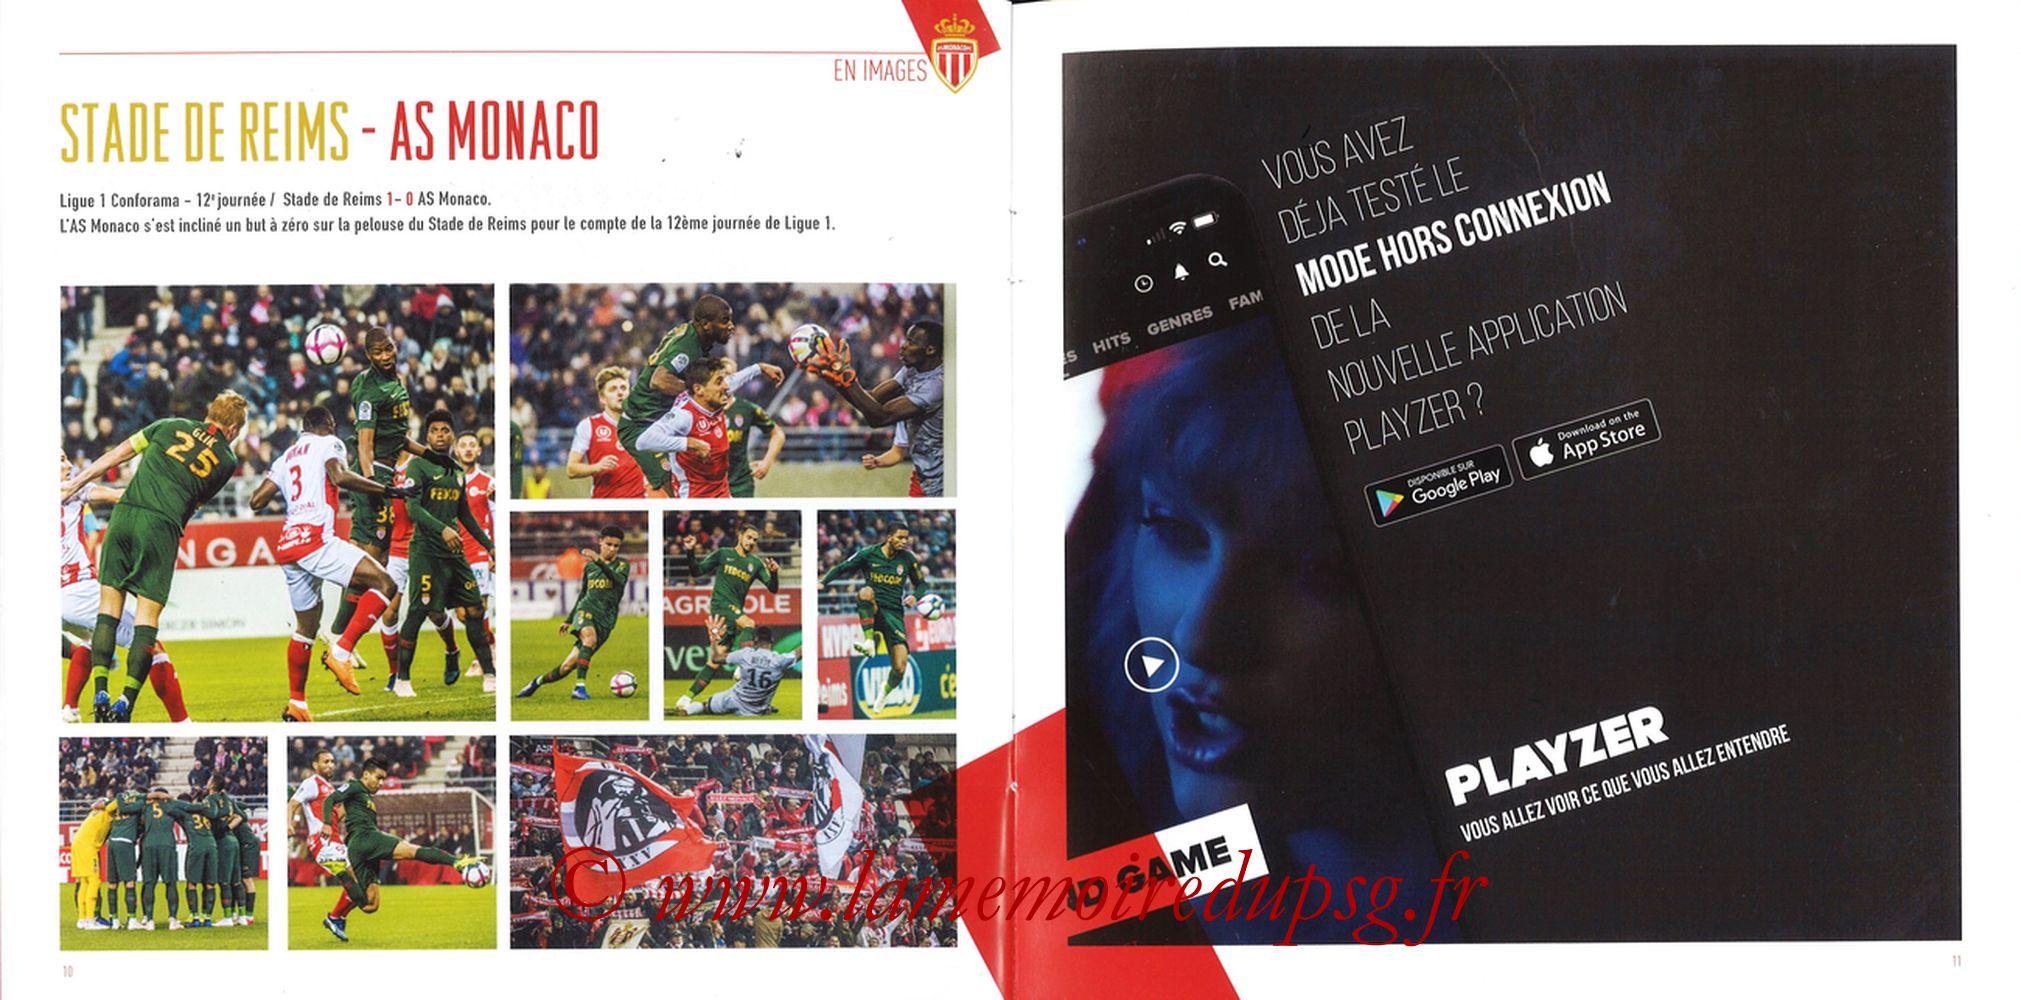 2018-11-11  Monaco-PSG (13ème L1, Programme officiel) - Pages 10 et 11